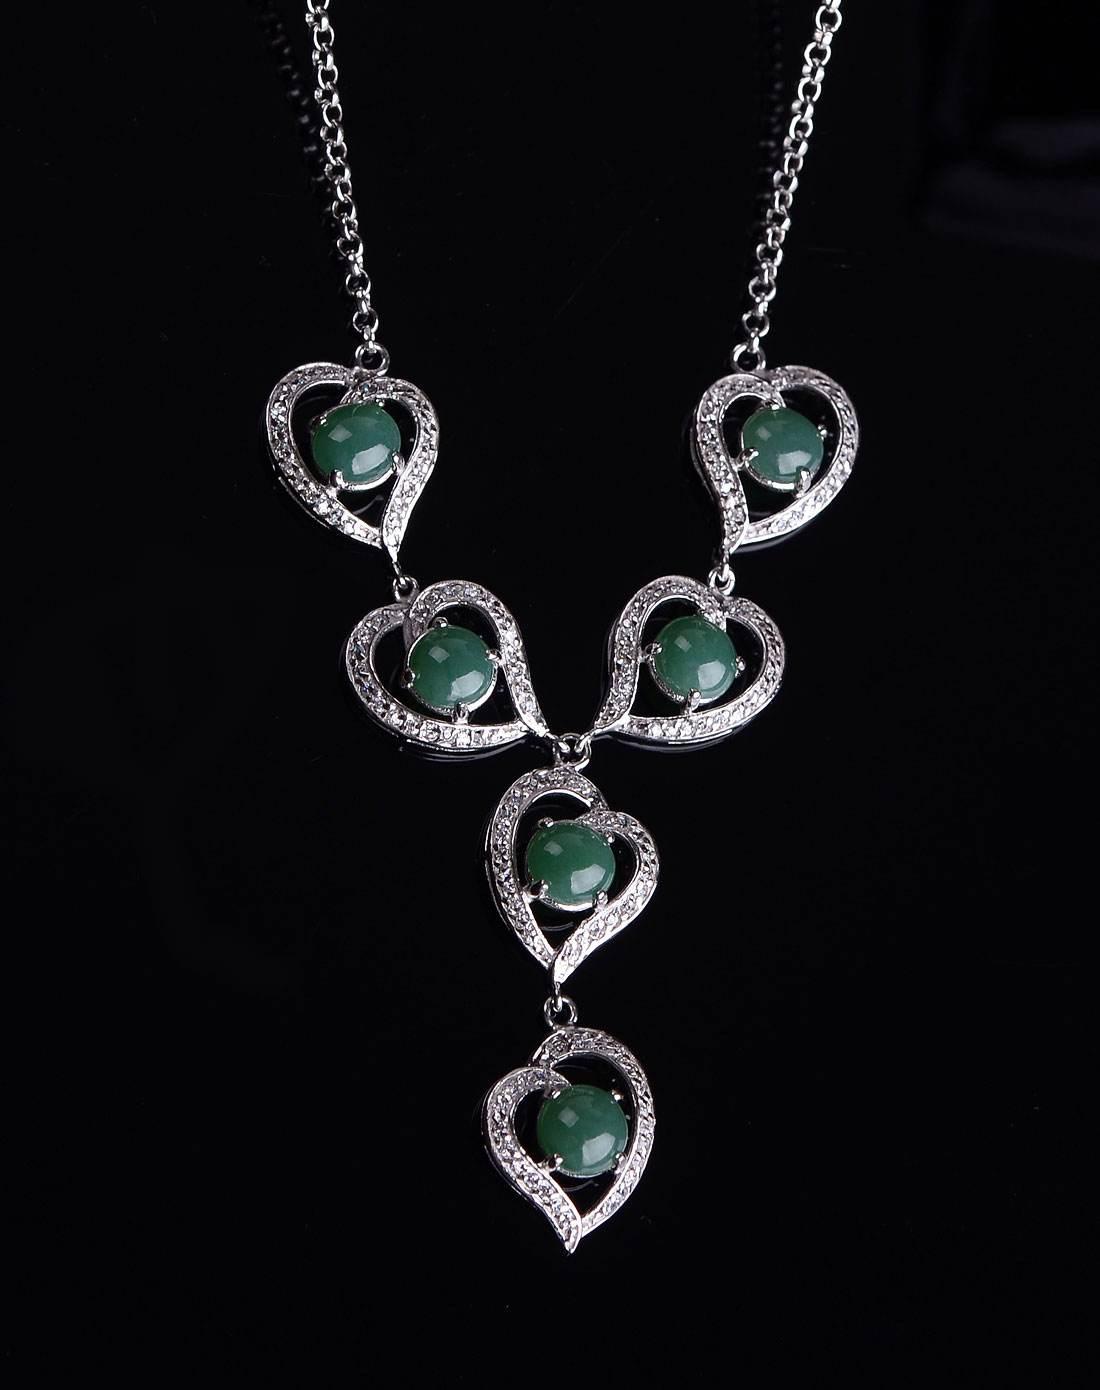 精美925银翡翠镶嵌工艺的时尚元素更凸显翡翠的魅力